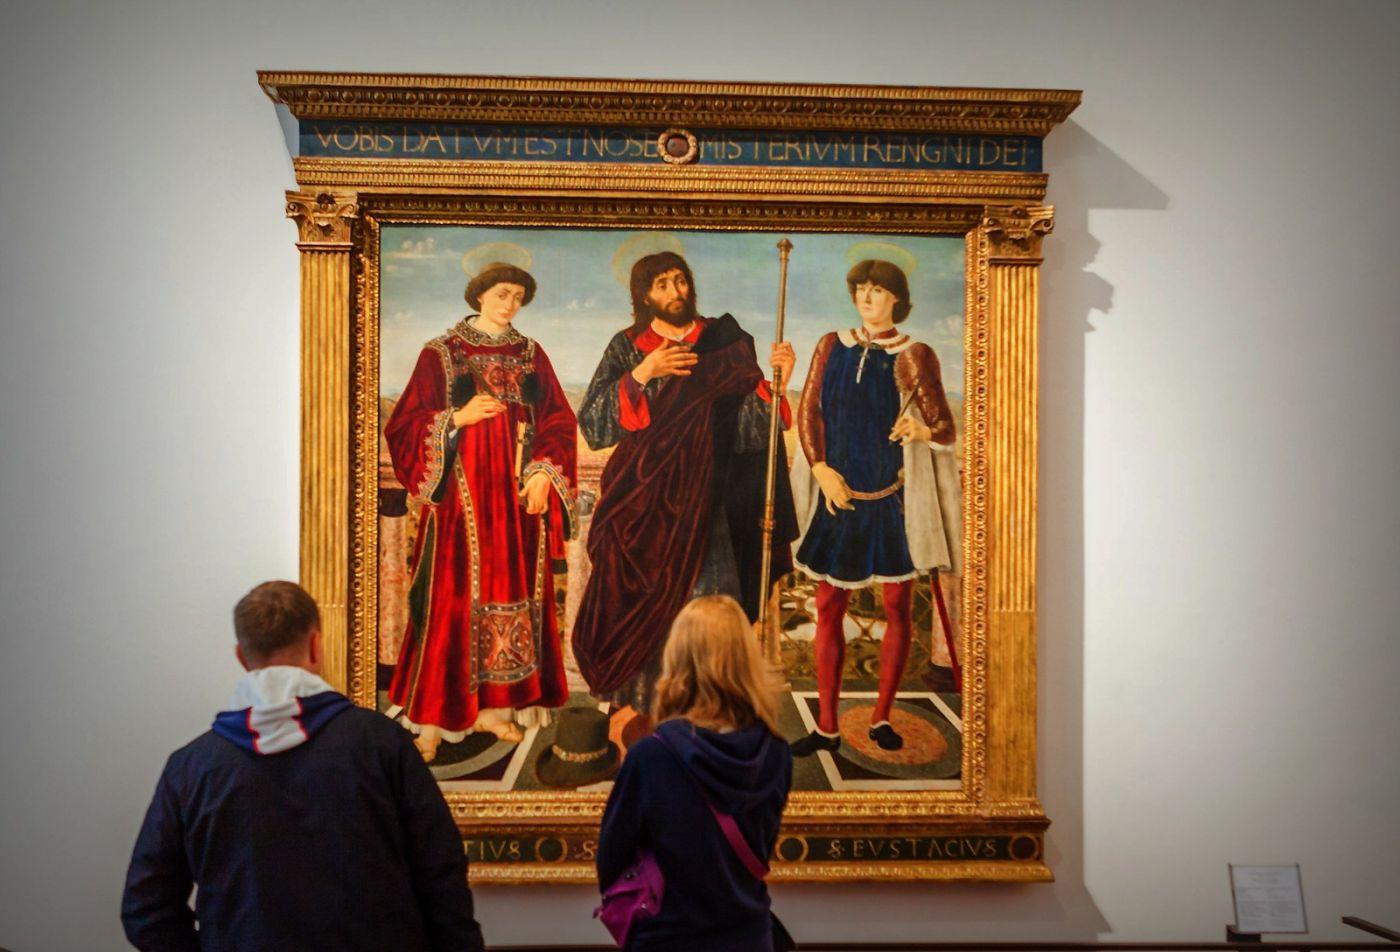 意大利佛罗伦斯乌菲兹美术馆, 目睹藏品_图1-33